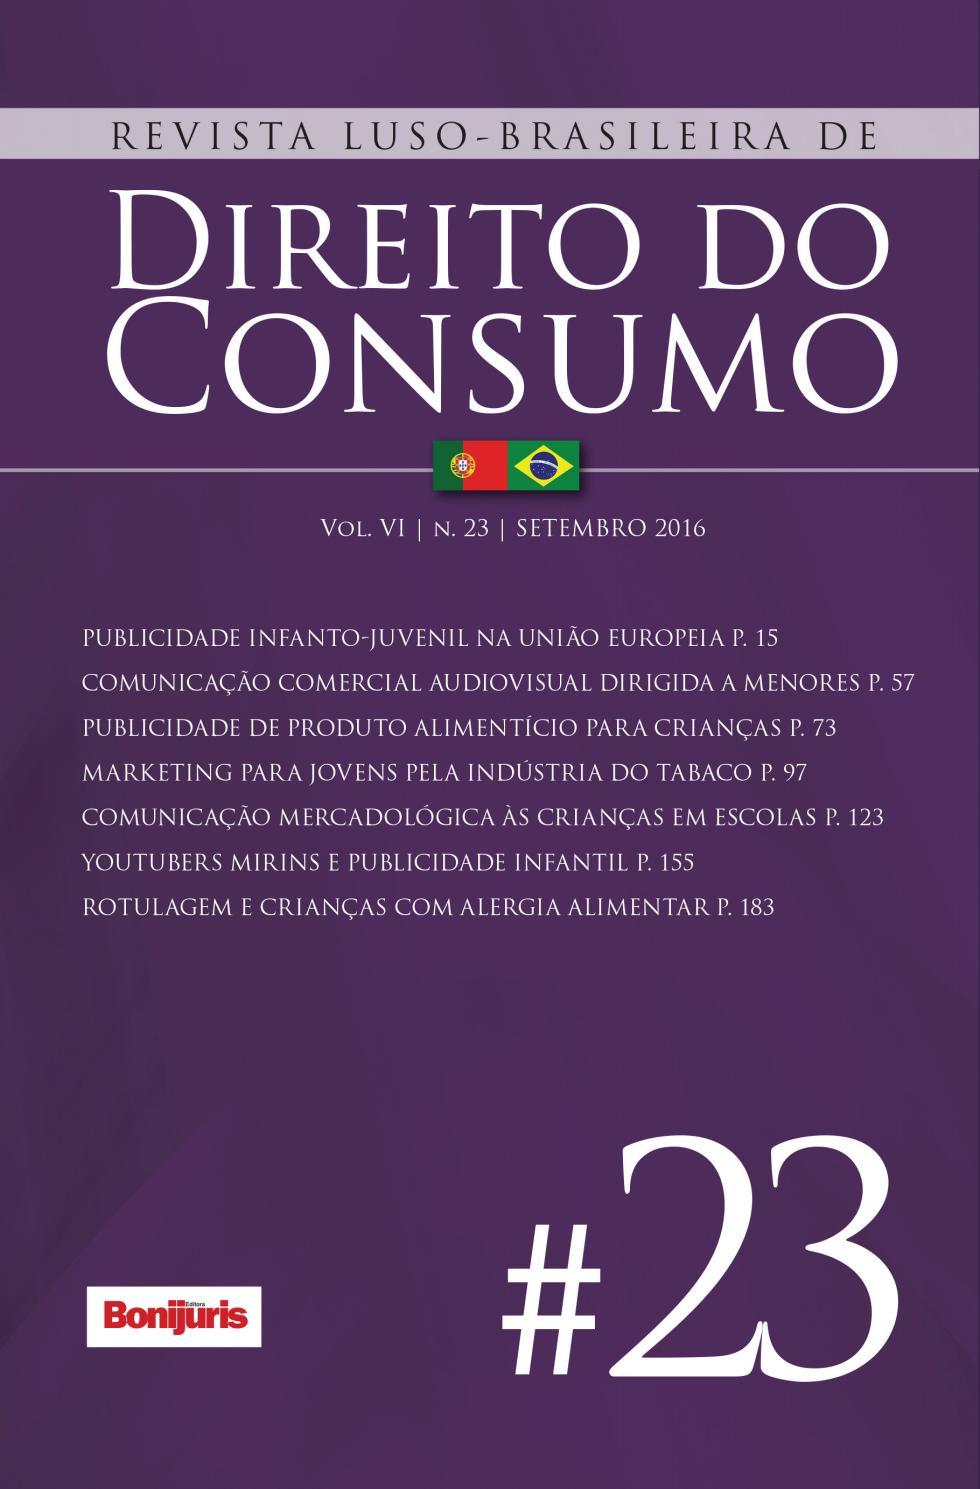 Revista luso brasileira de direito do consumo n 23 by Editora Bonijuris -  issuu b5e0b4c50e31e